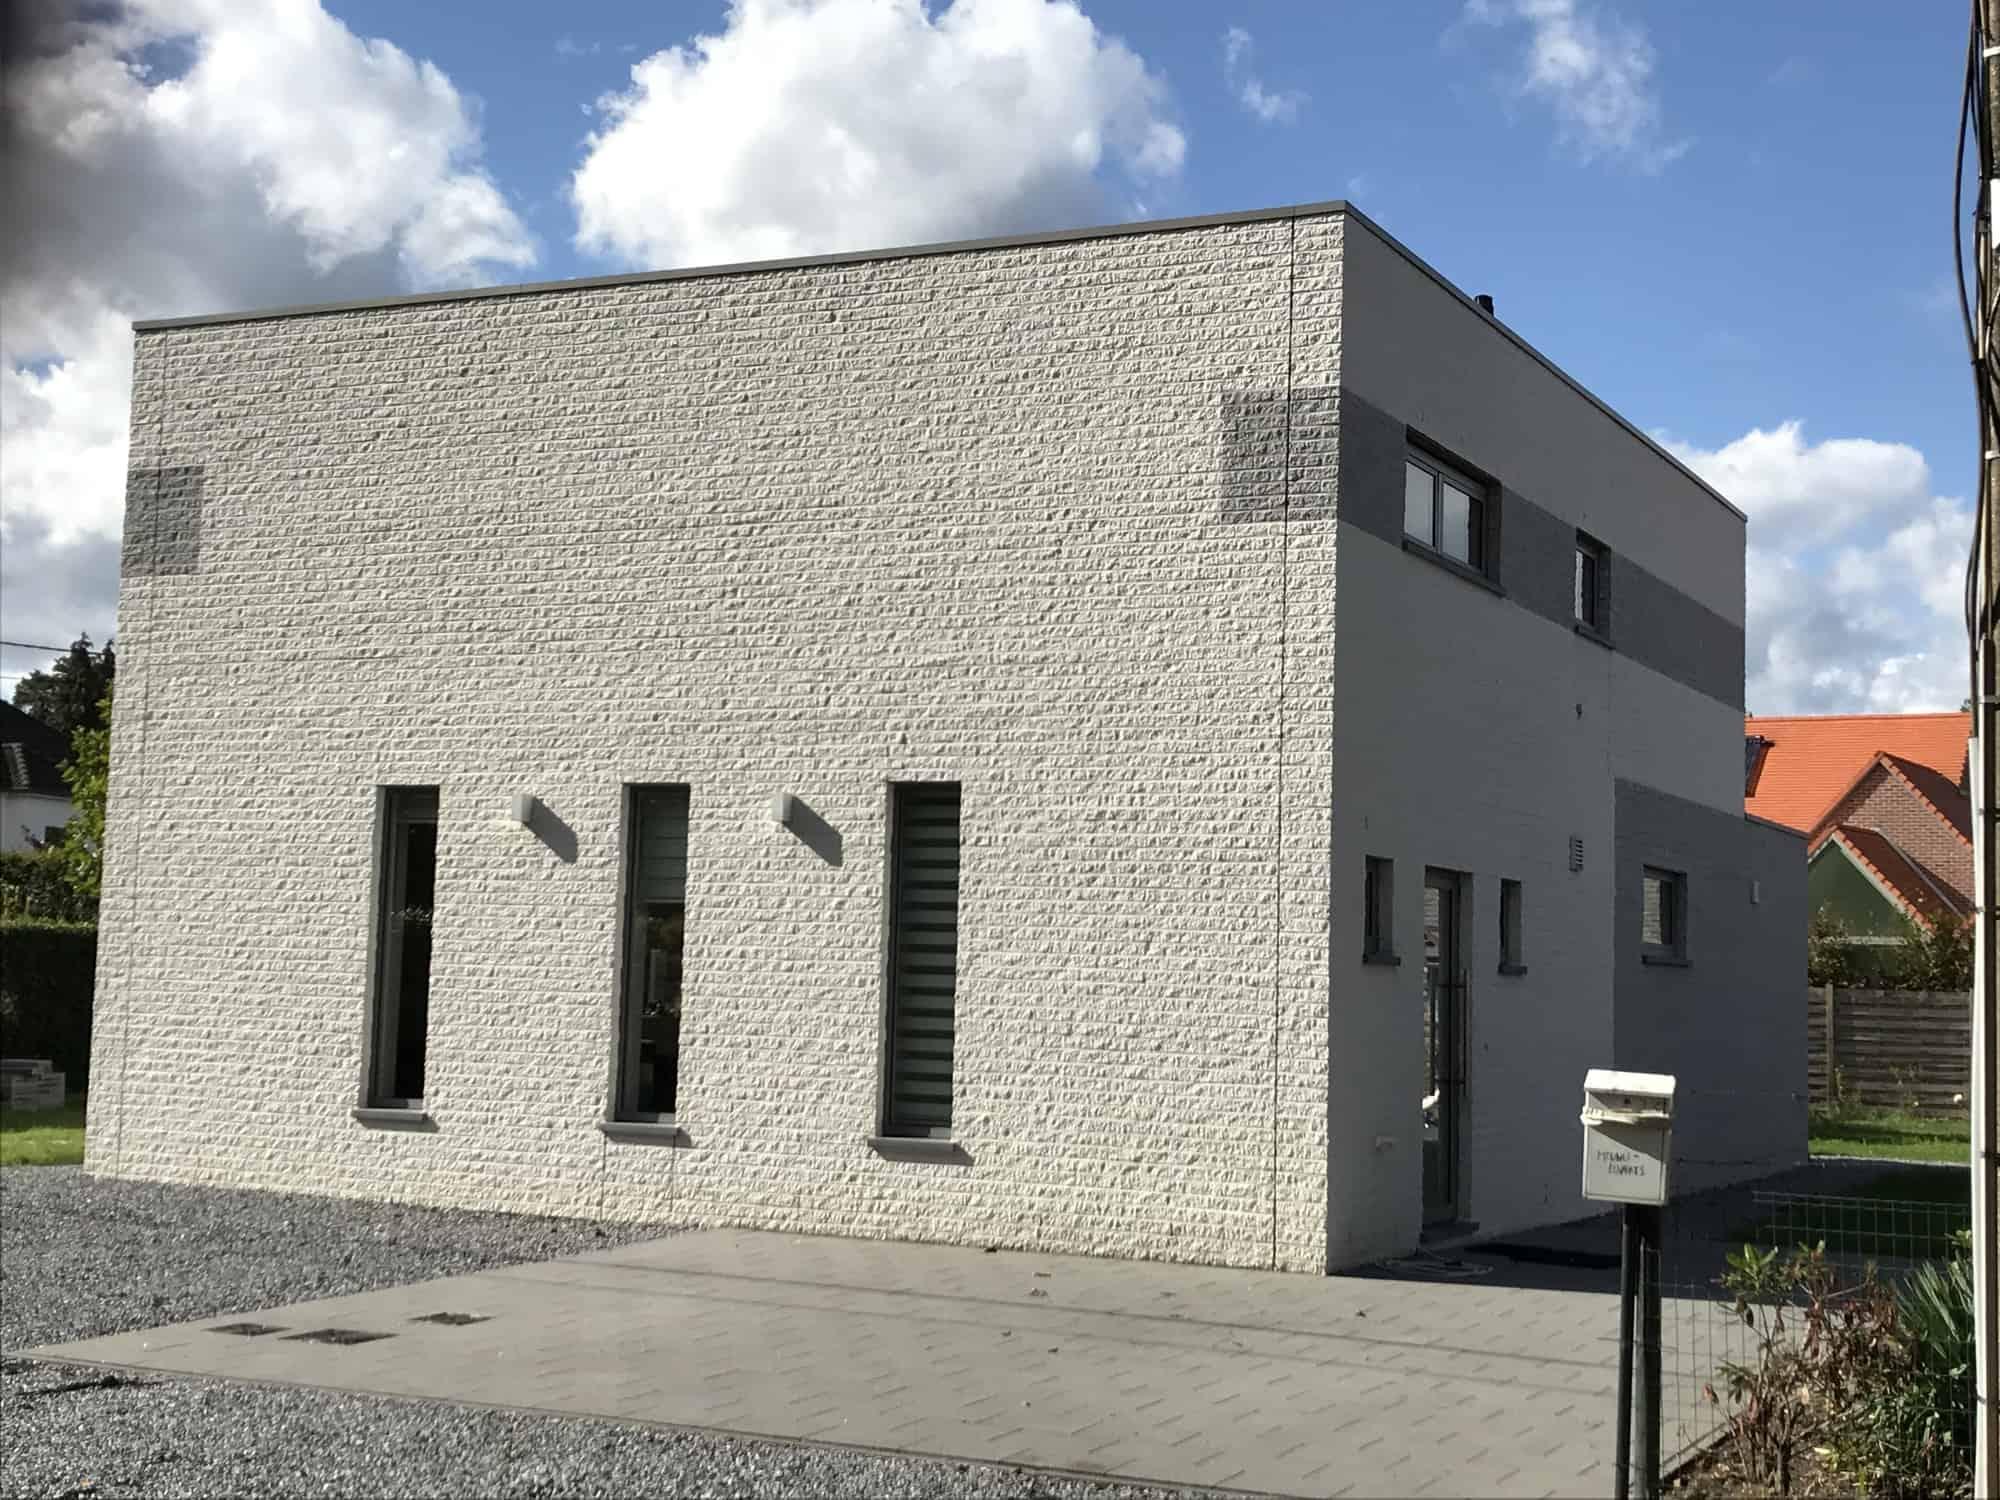 Detail afbeelding 1 van M & L   –   Strakke eenvoudige Gezinswoning – Zutendaal | Ontwerp door architect Patrick Strackx